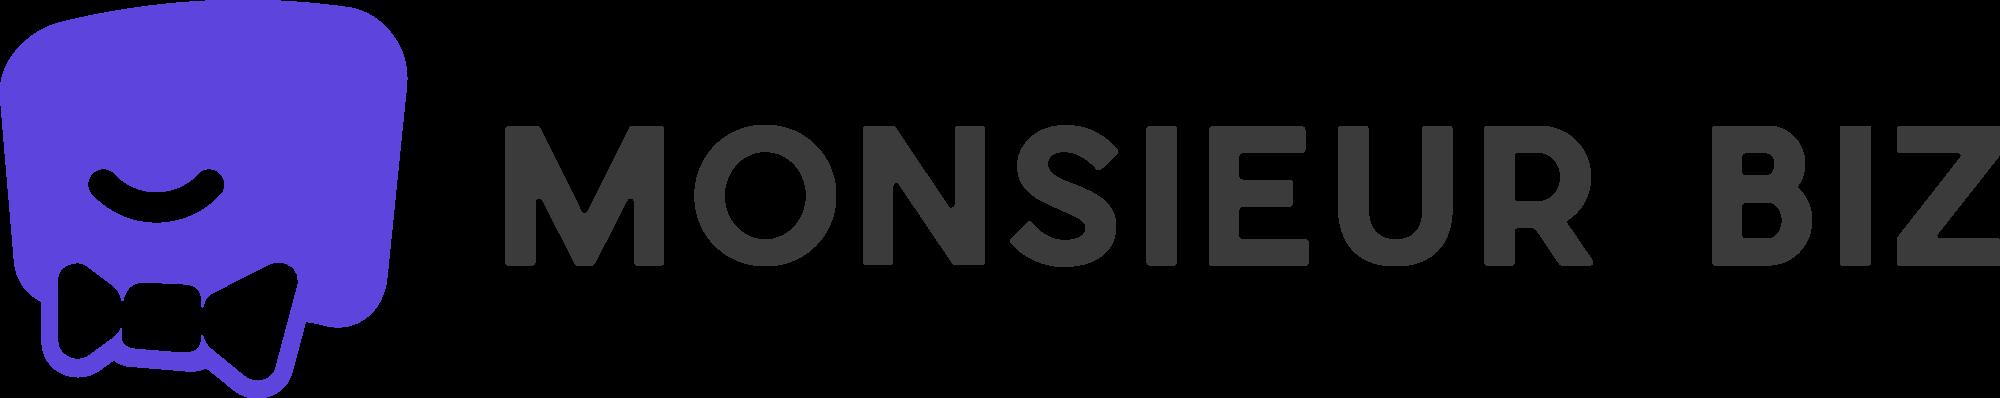 Monsieur Biz logo